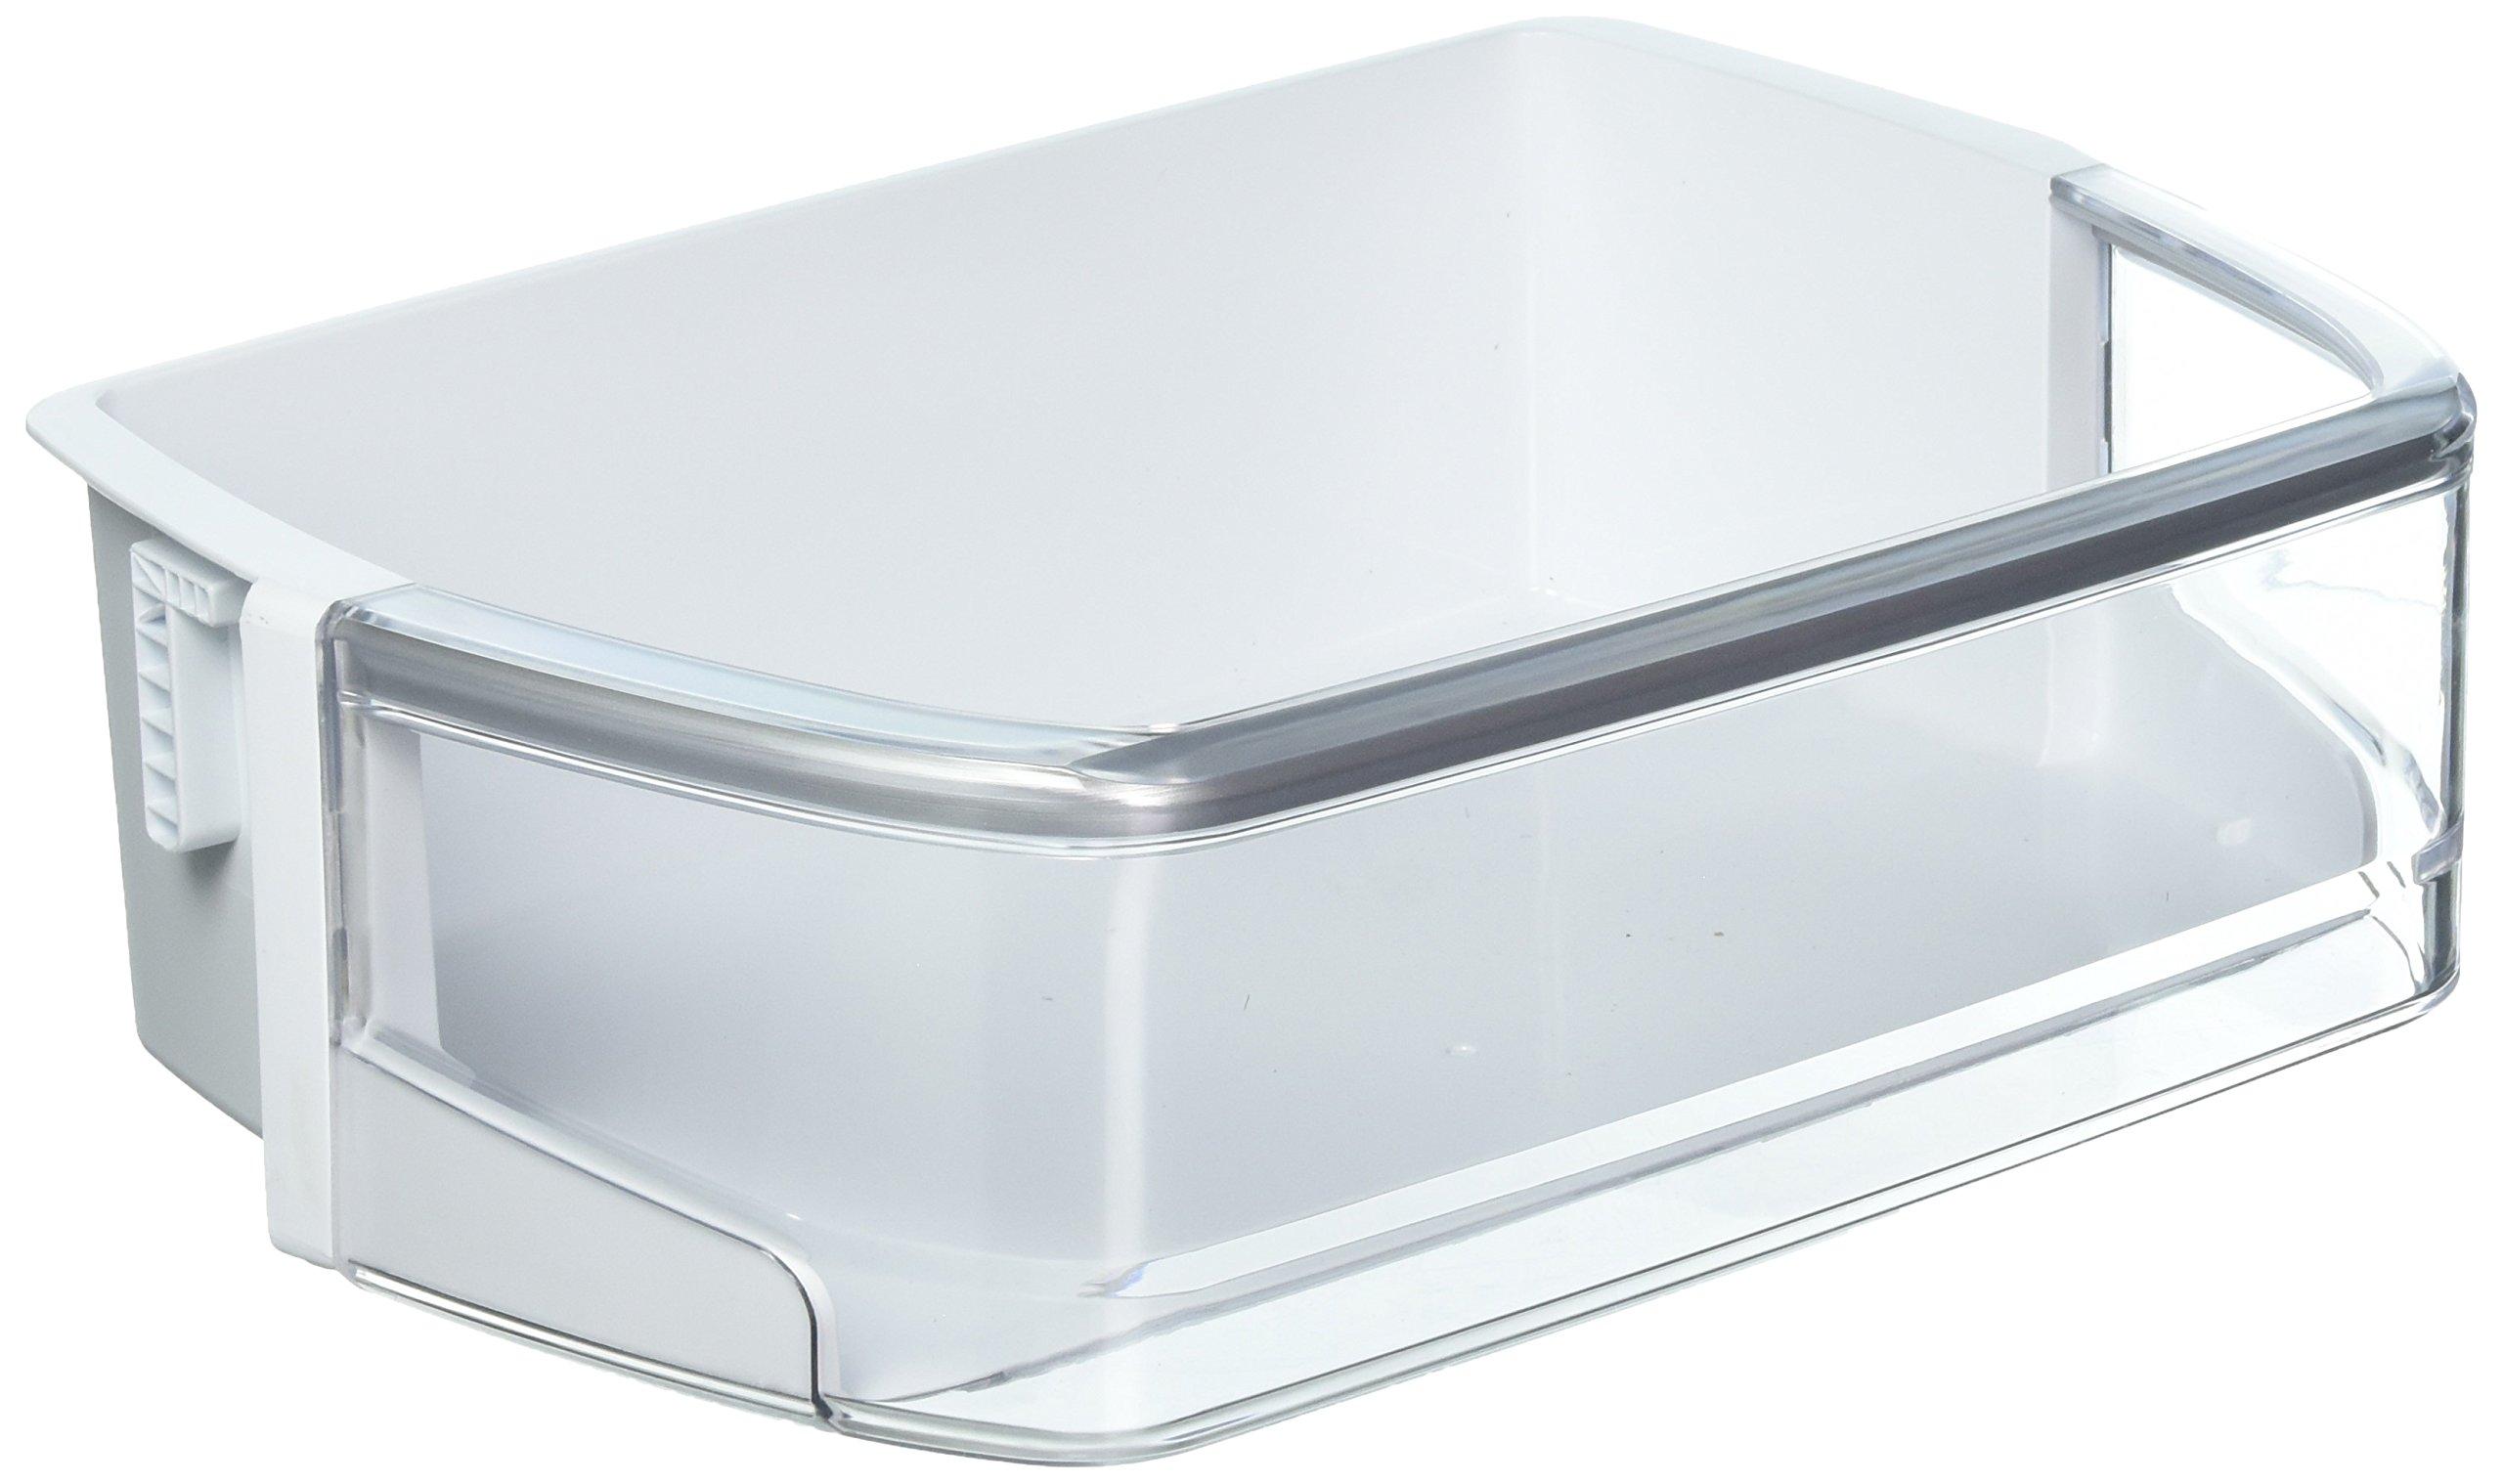 Lg AAP73252202 Refrigerator Door Bin Genuine Original Equipment Manufacturer (OEM) Part